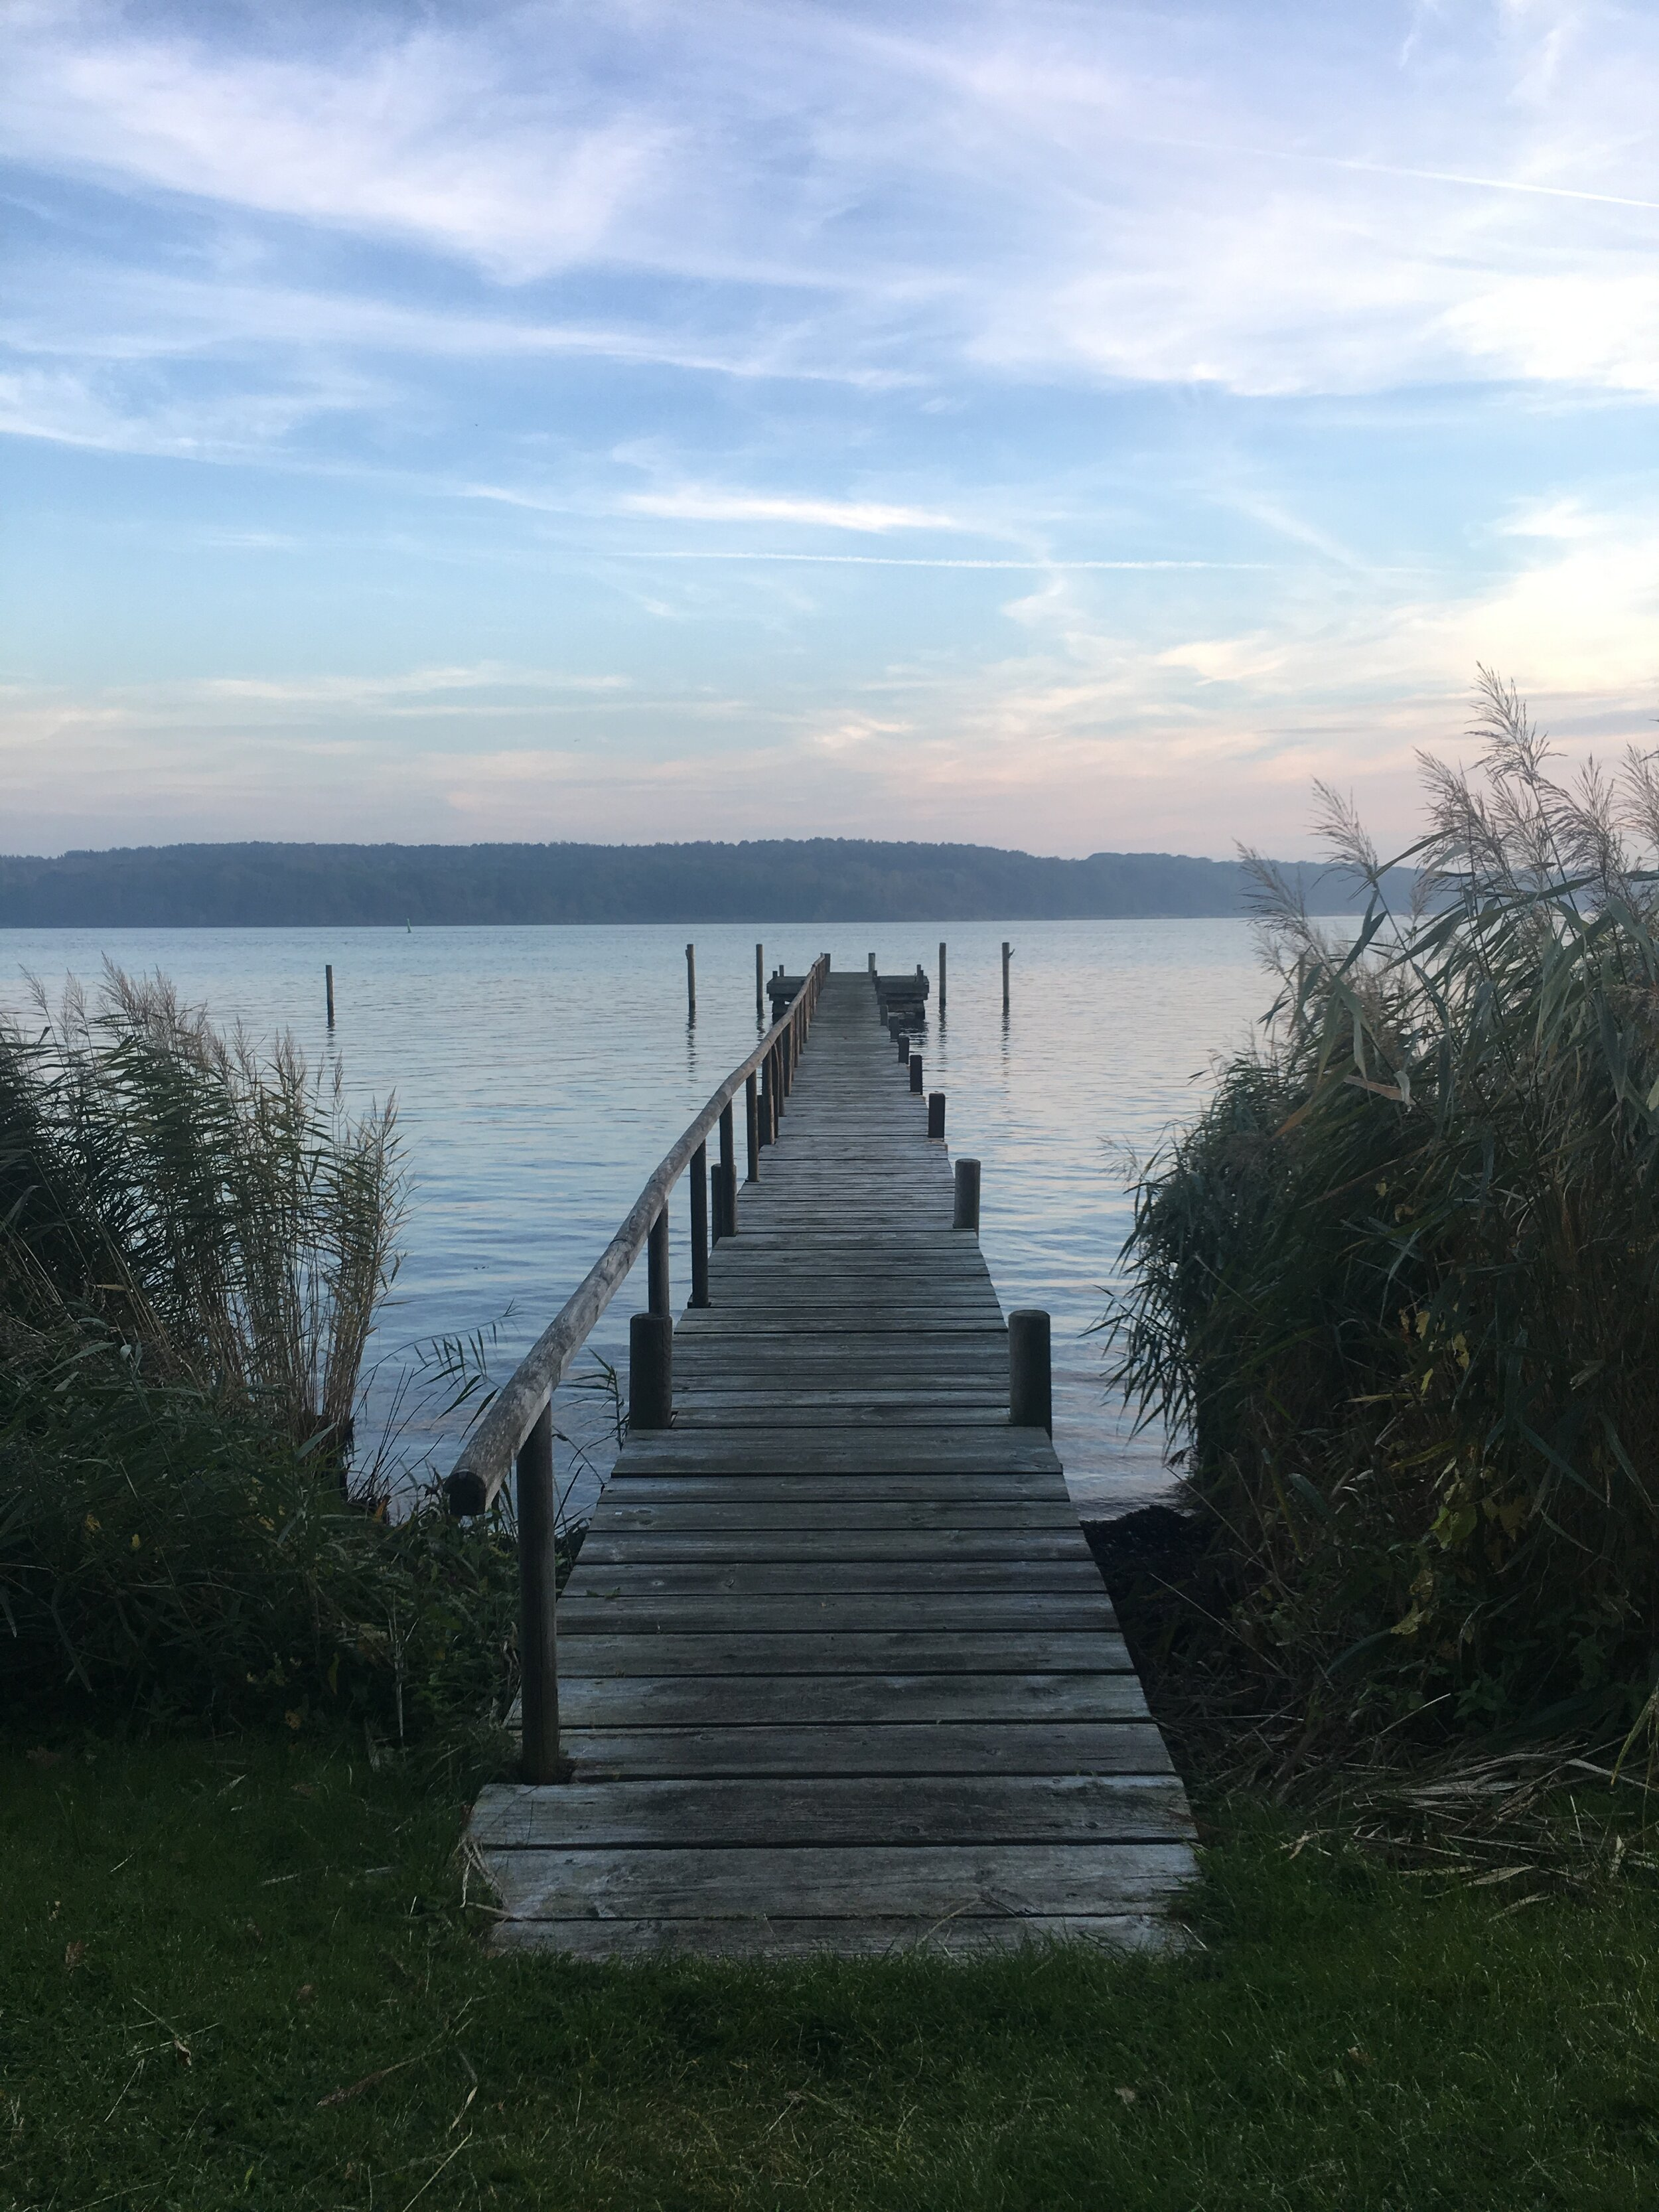 Udsigt over vand og bådbro (1).JPG